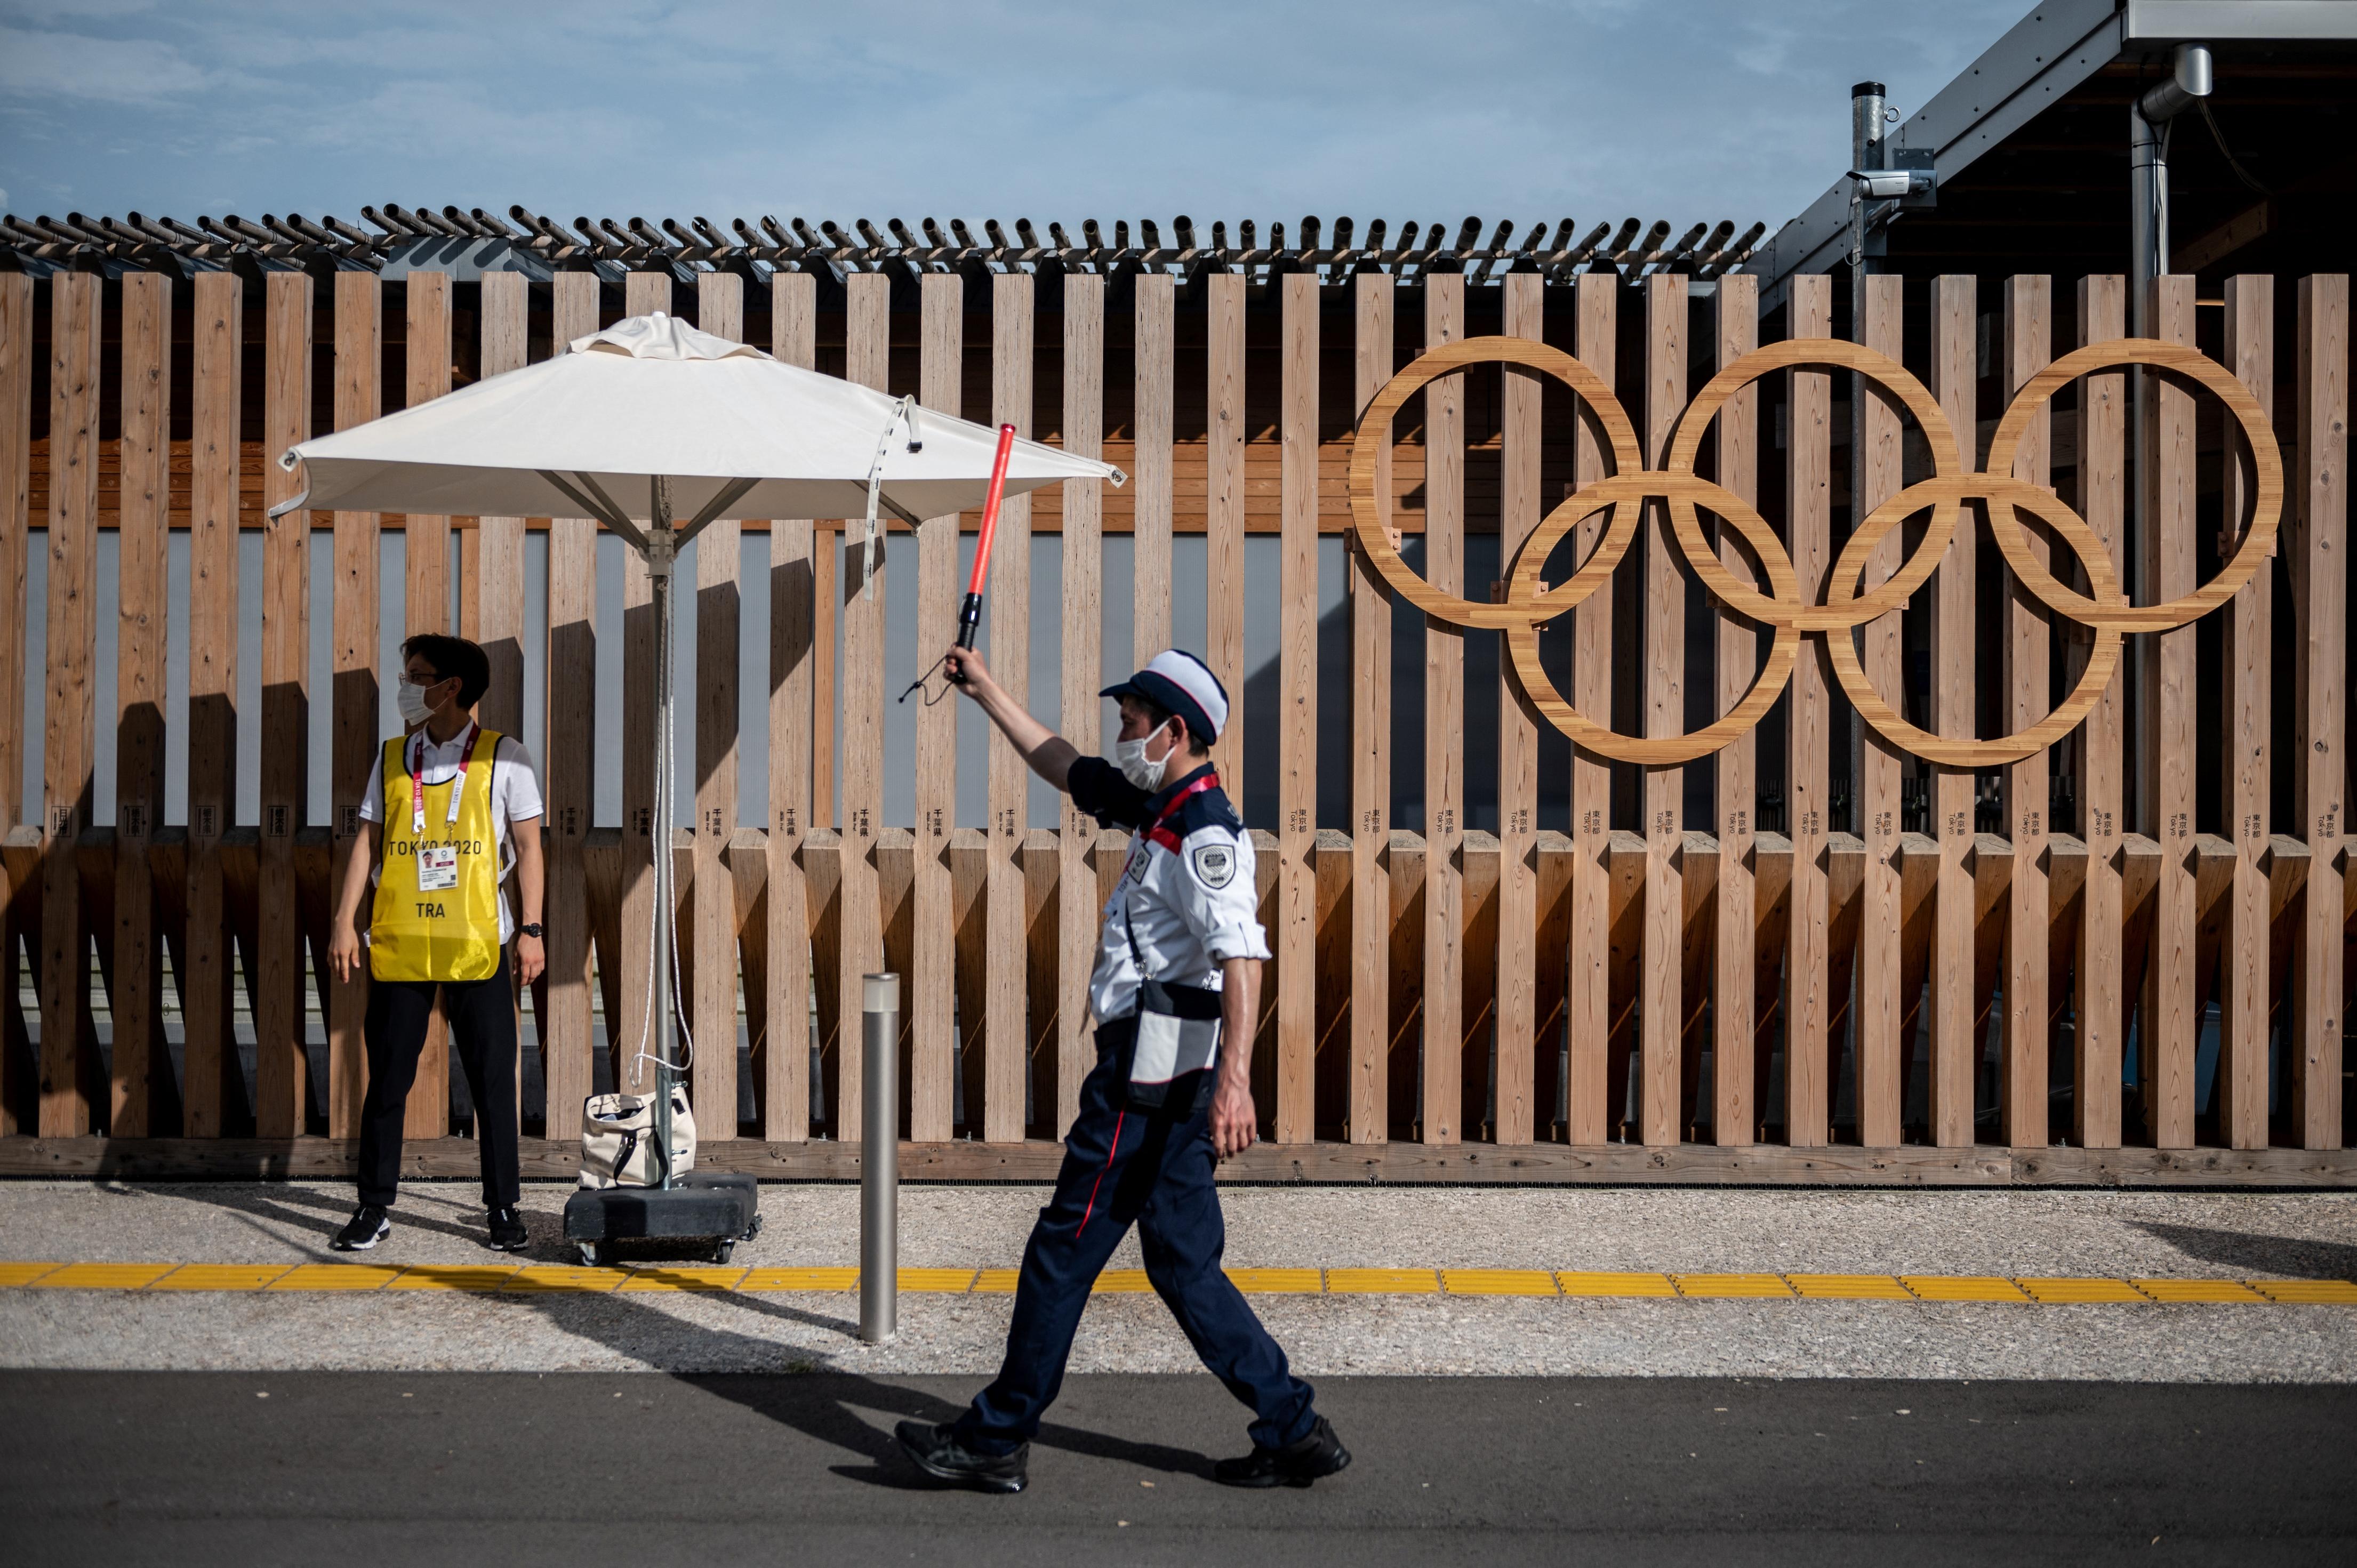 Már meg is van az első pozitív koronavírusteszt az olimpiai faluban